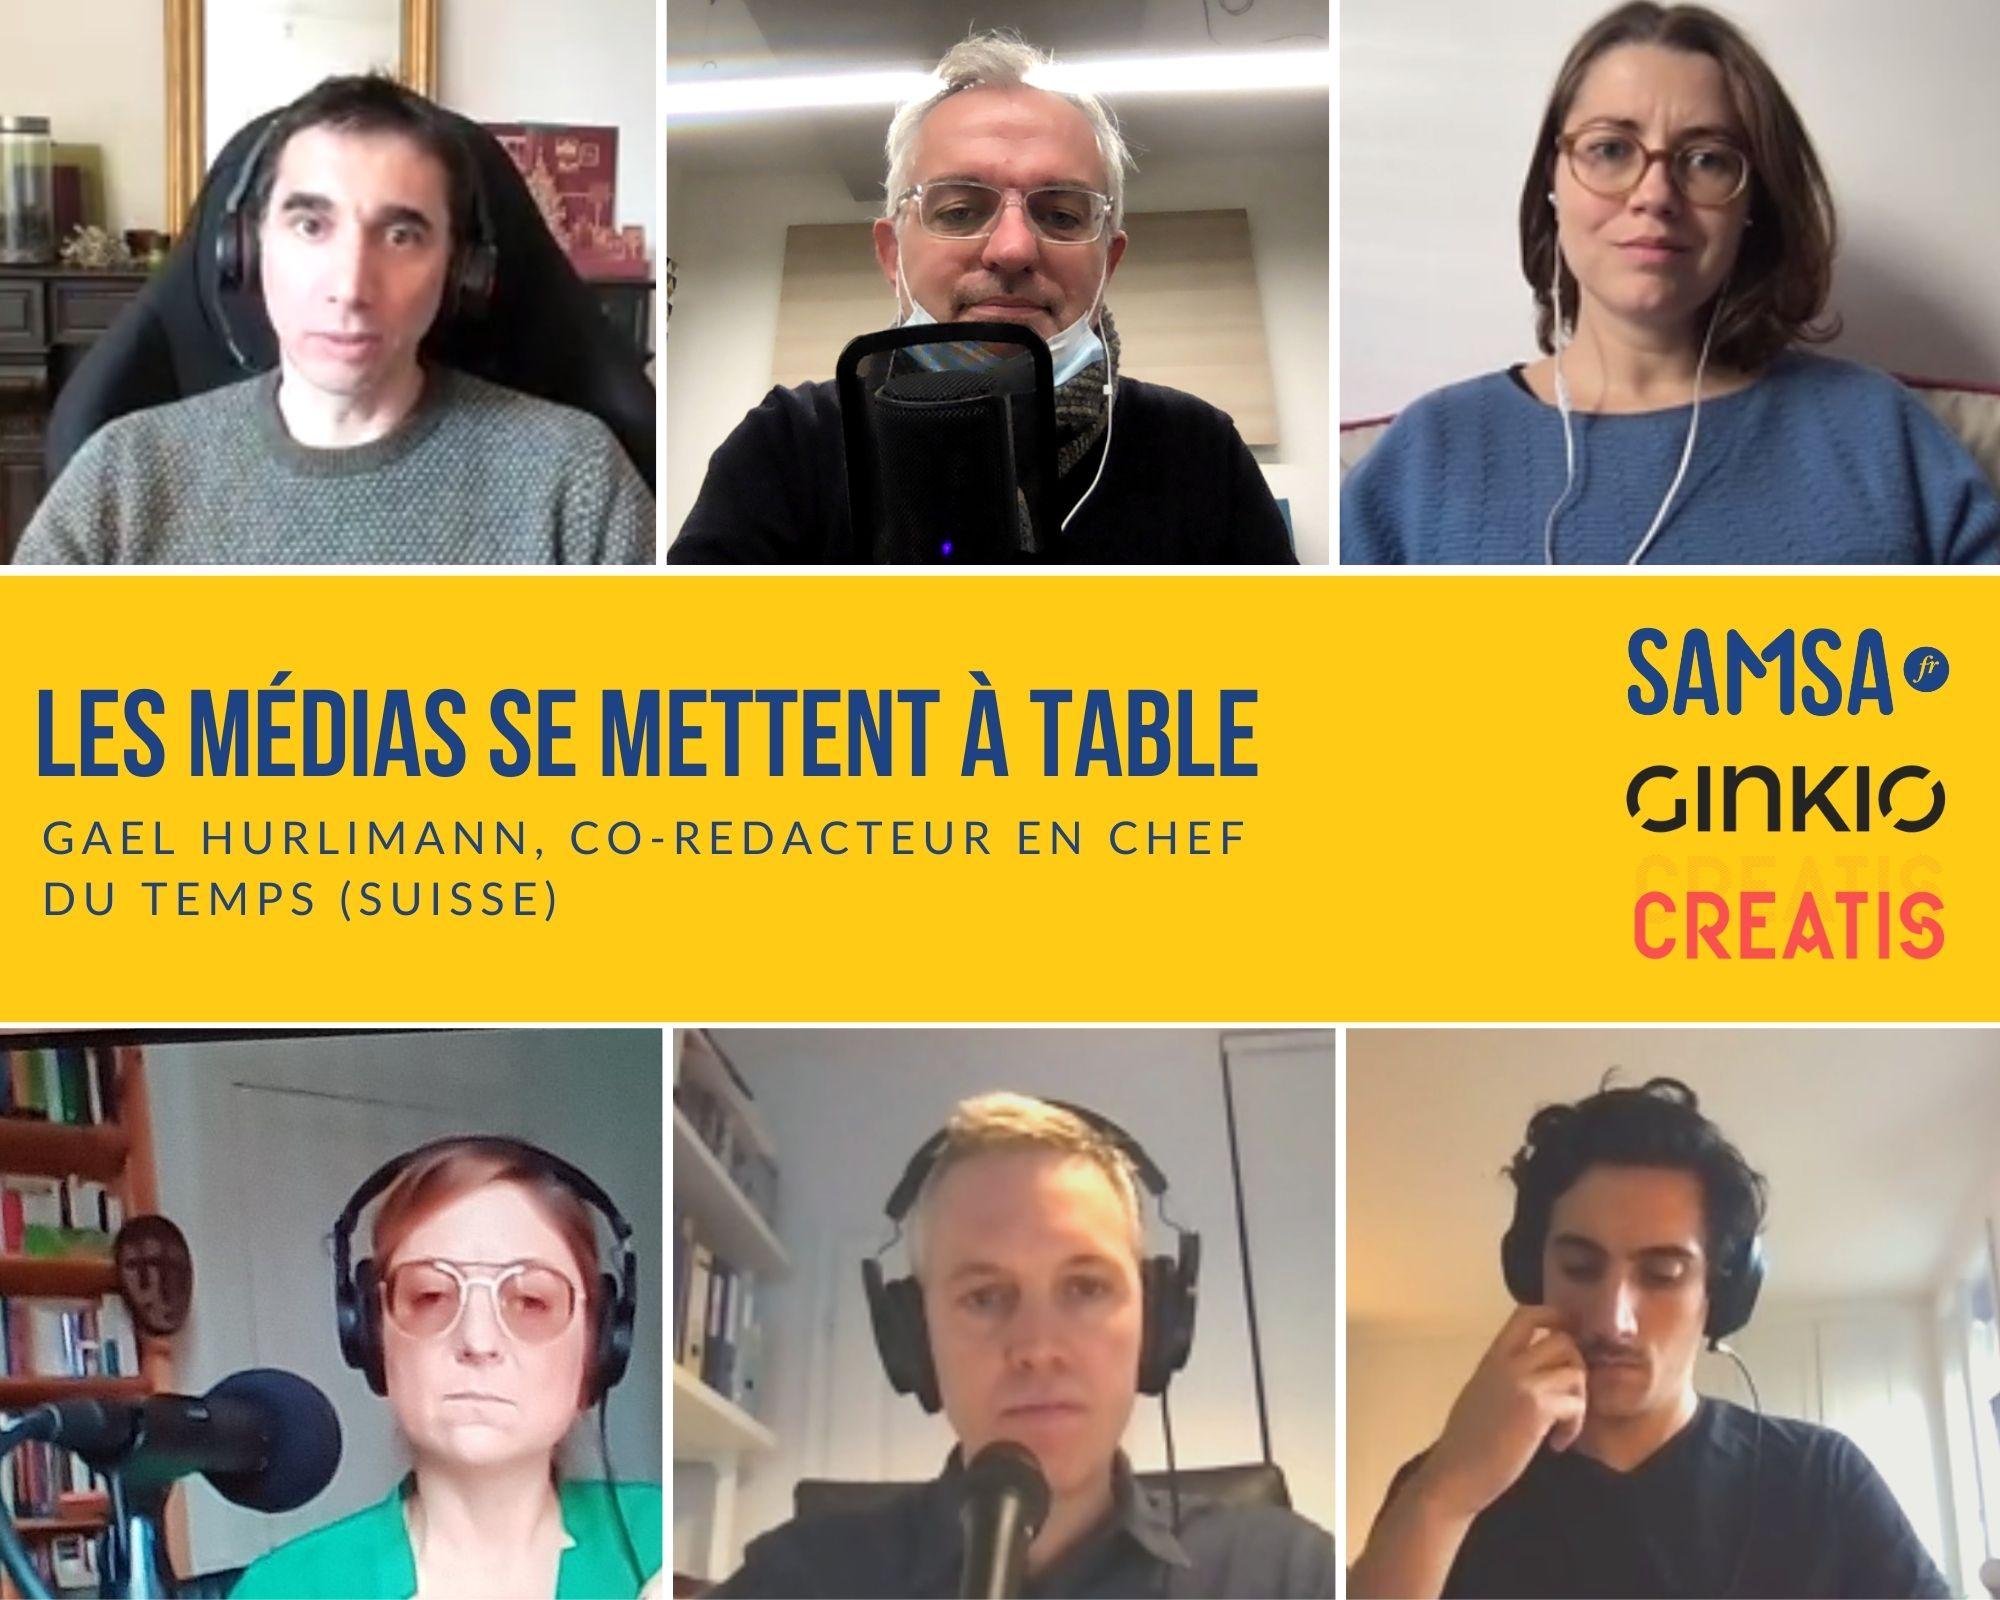 Gaël Hurlimann : « On vit un moment incroyable pour les médias en Suisse romande » – [Podcast – Les médias se mettent à table]